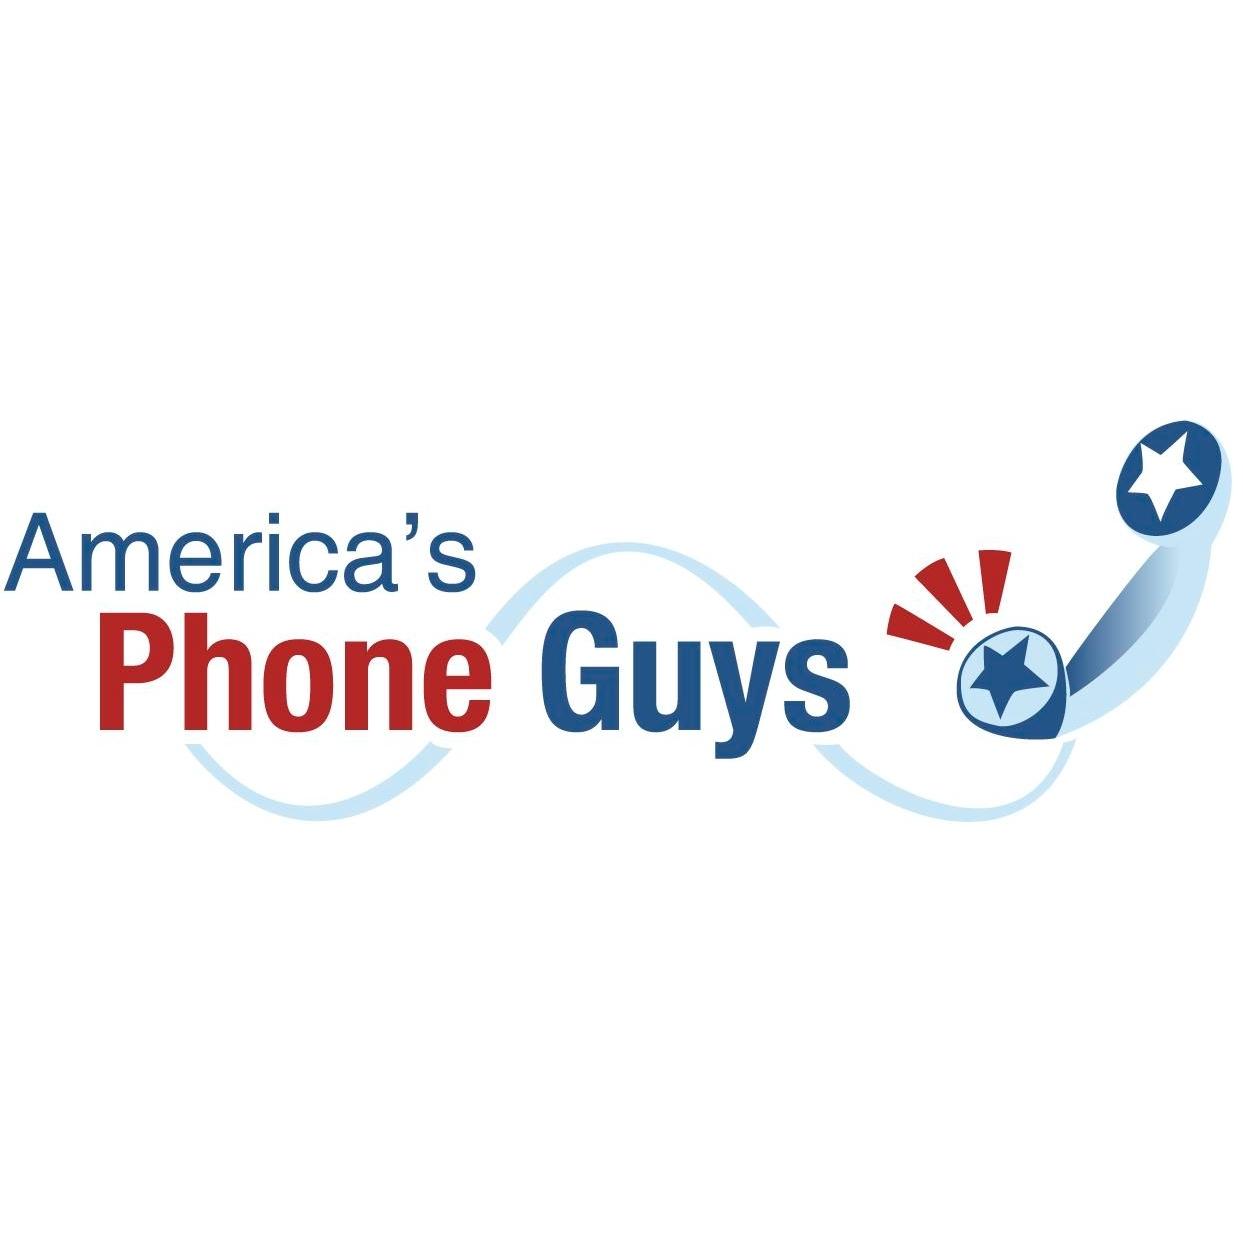 America's Phone Guys